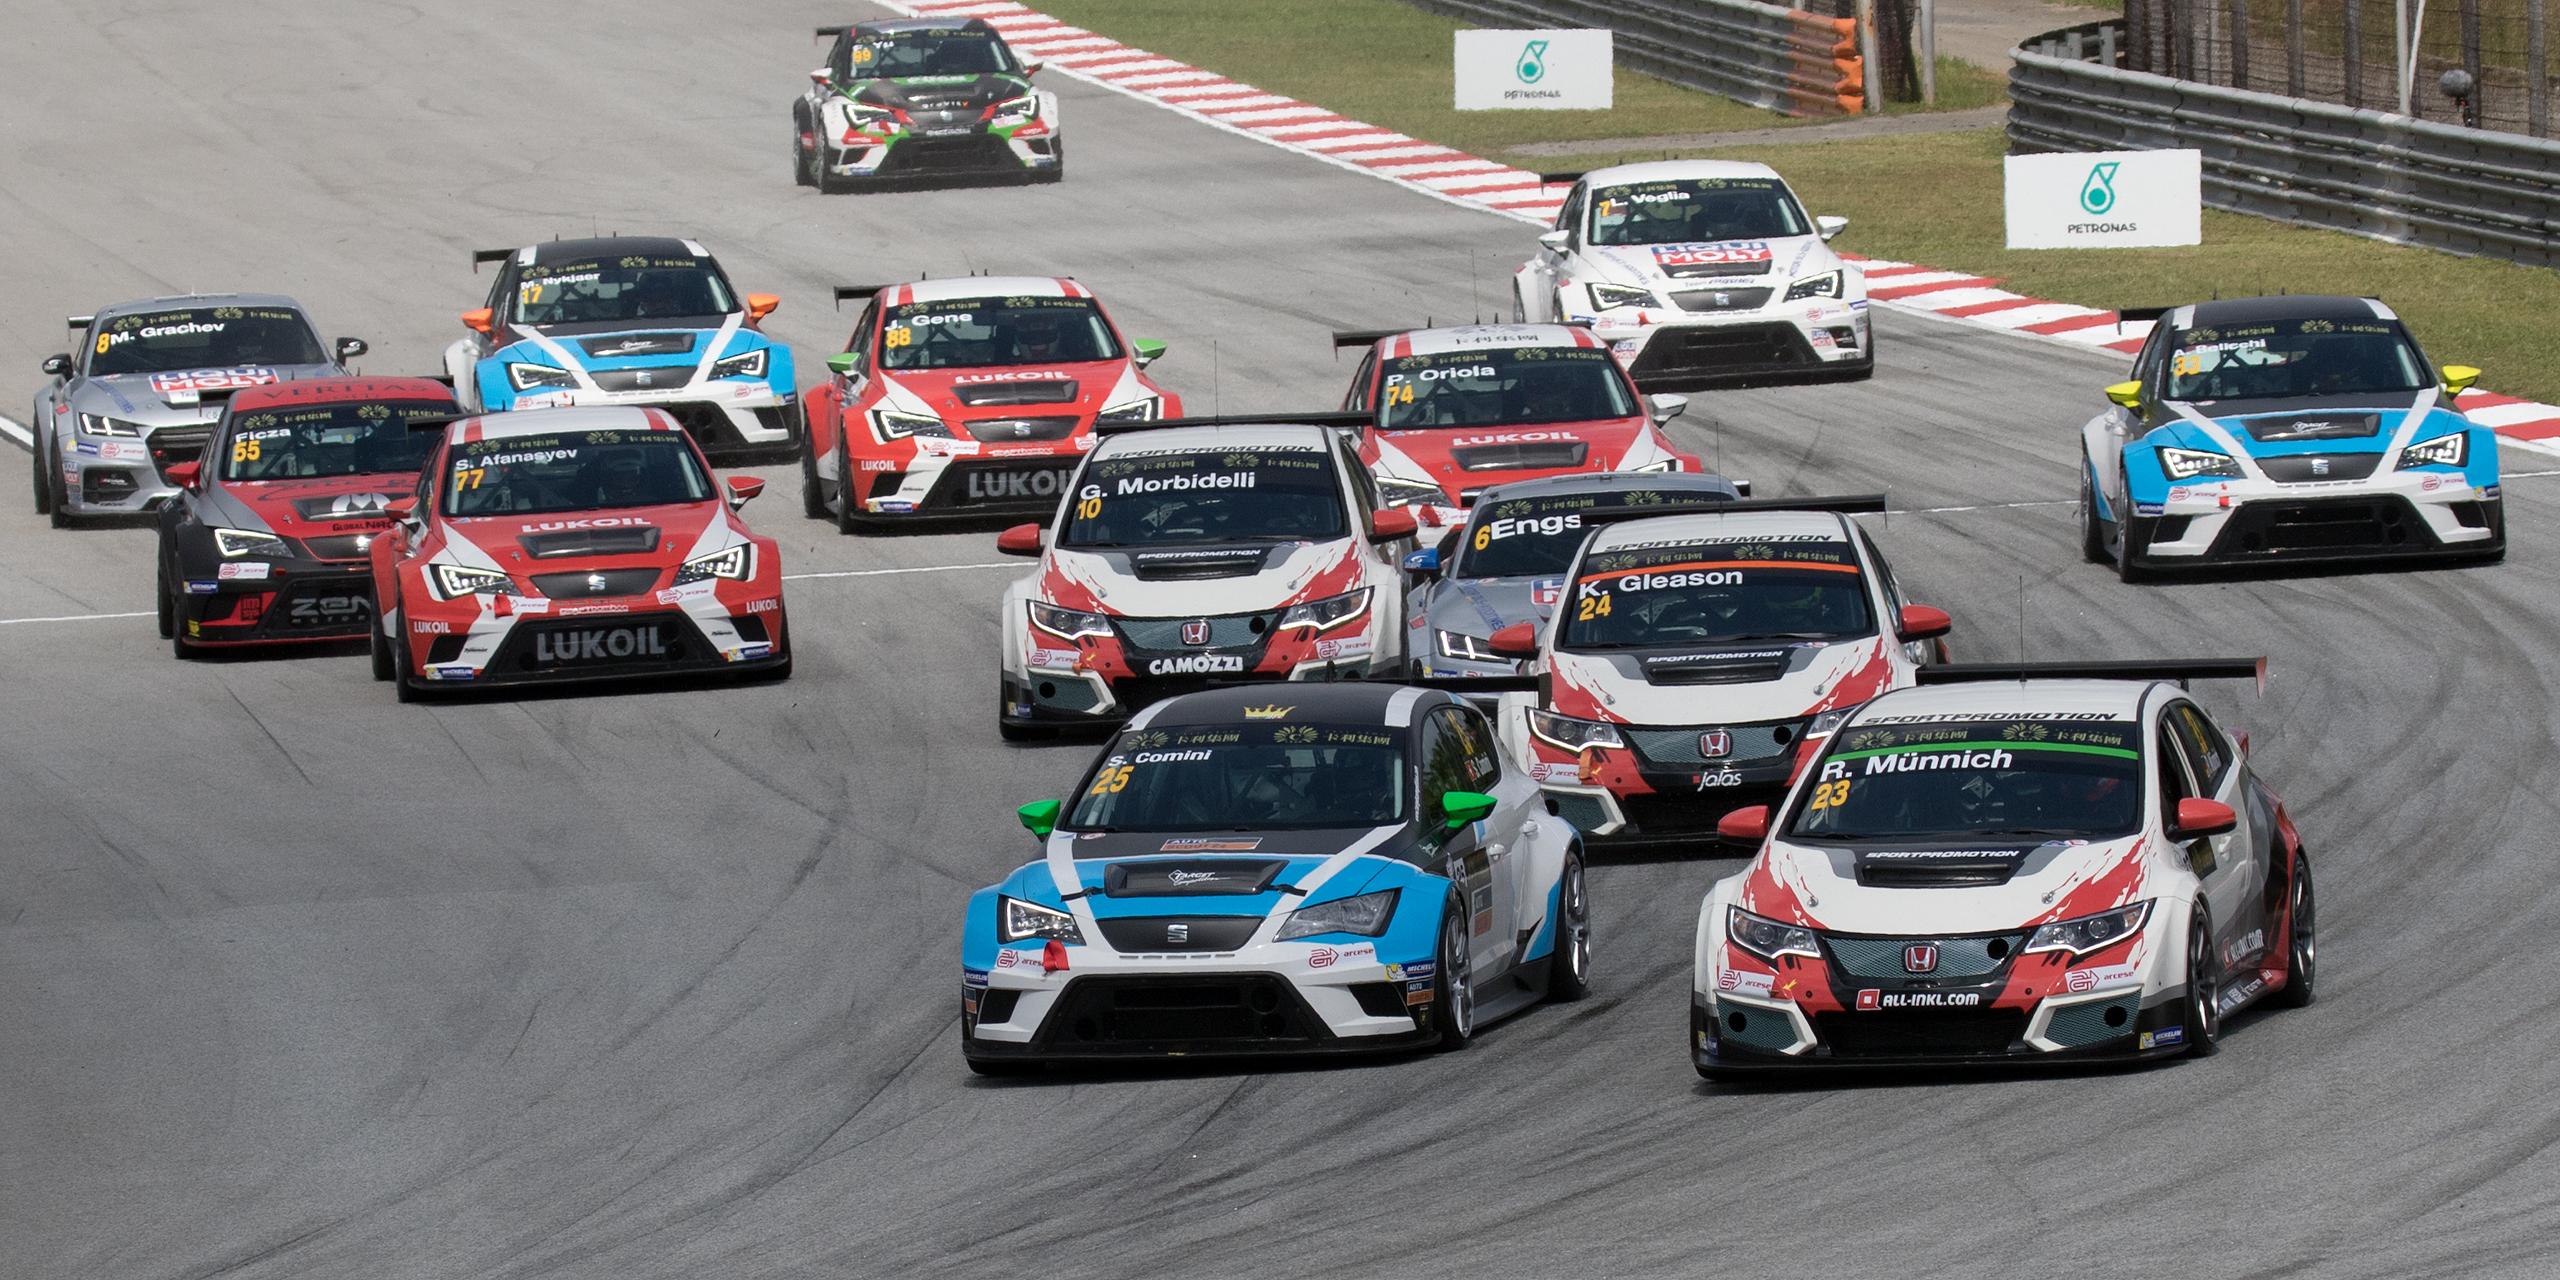 TCR International Series 2015 - Wikipedia